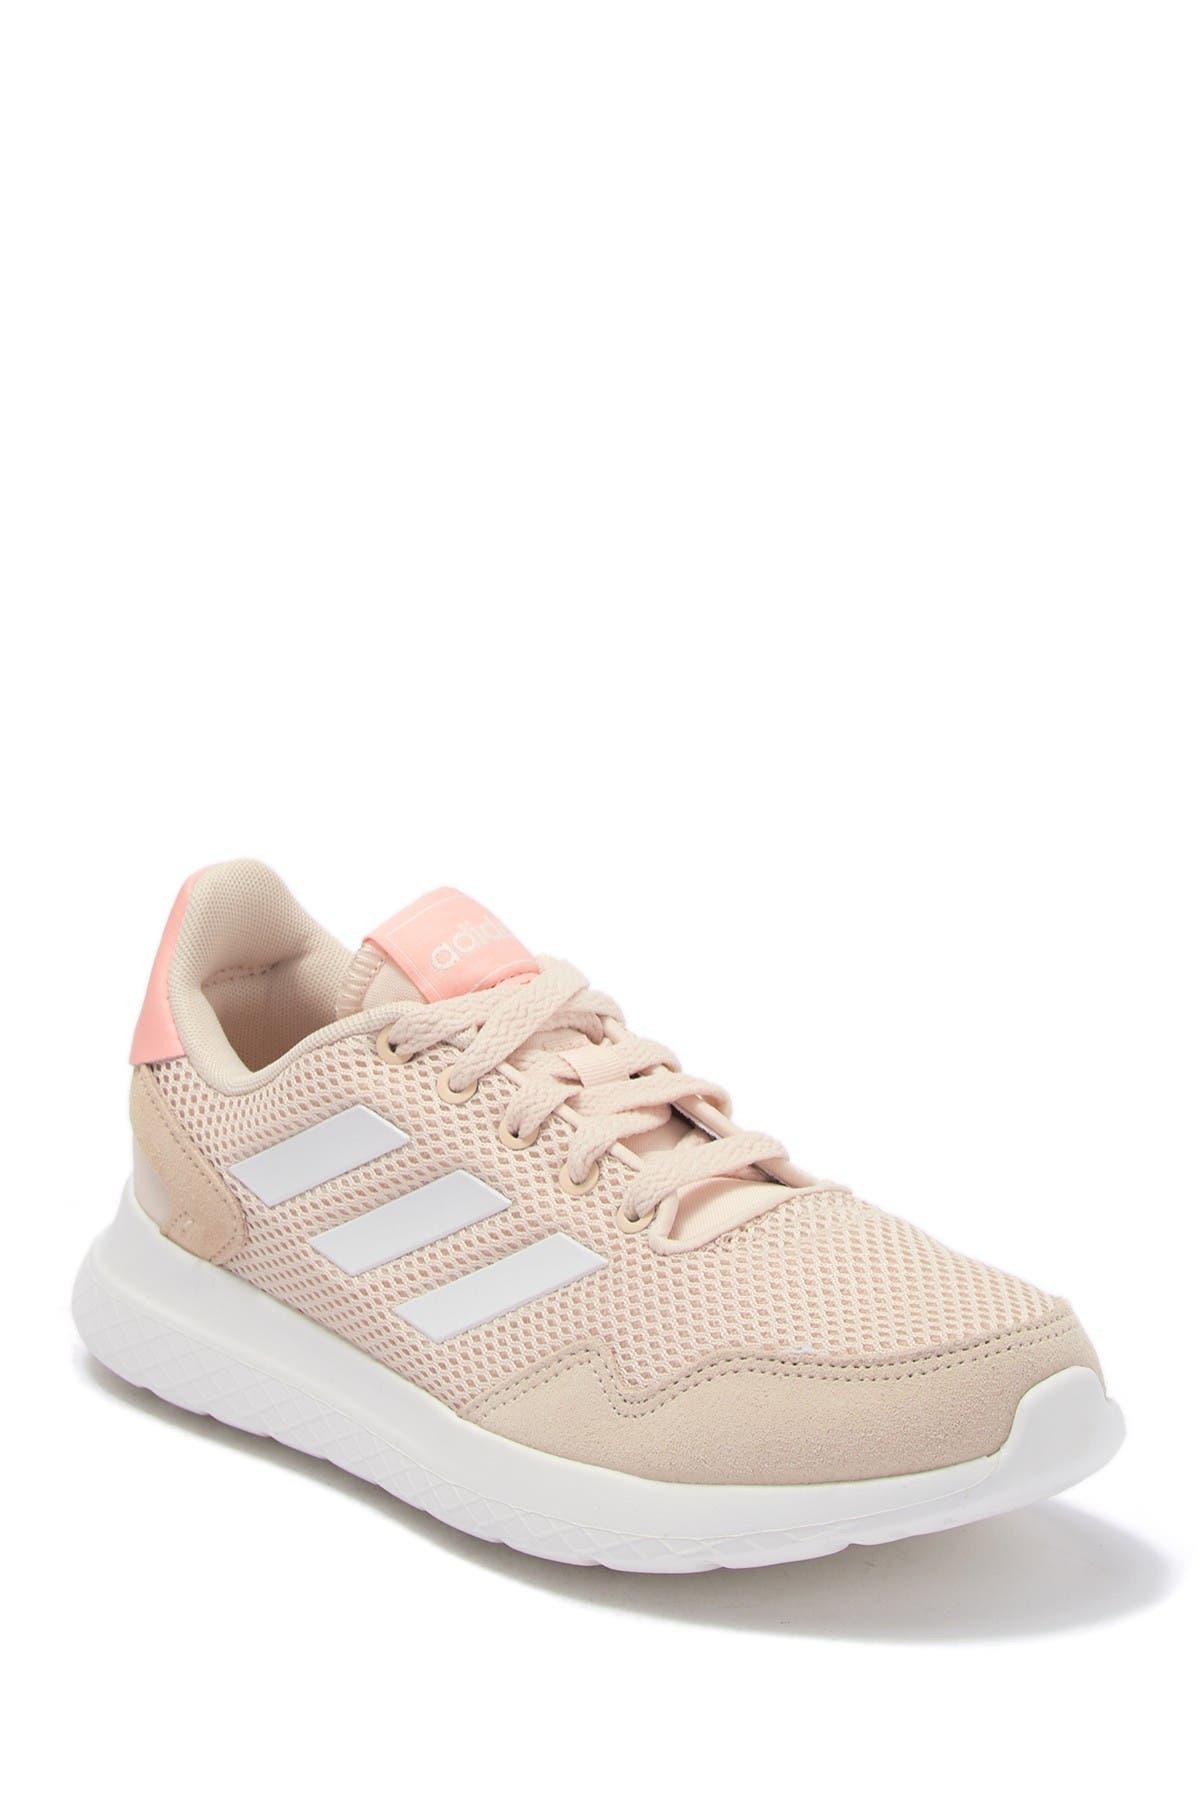 Estúpido Arne Perca  adidas | Archivo Suede Running Sneaker | HauteLook